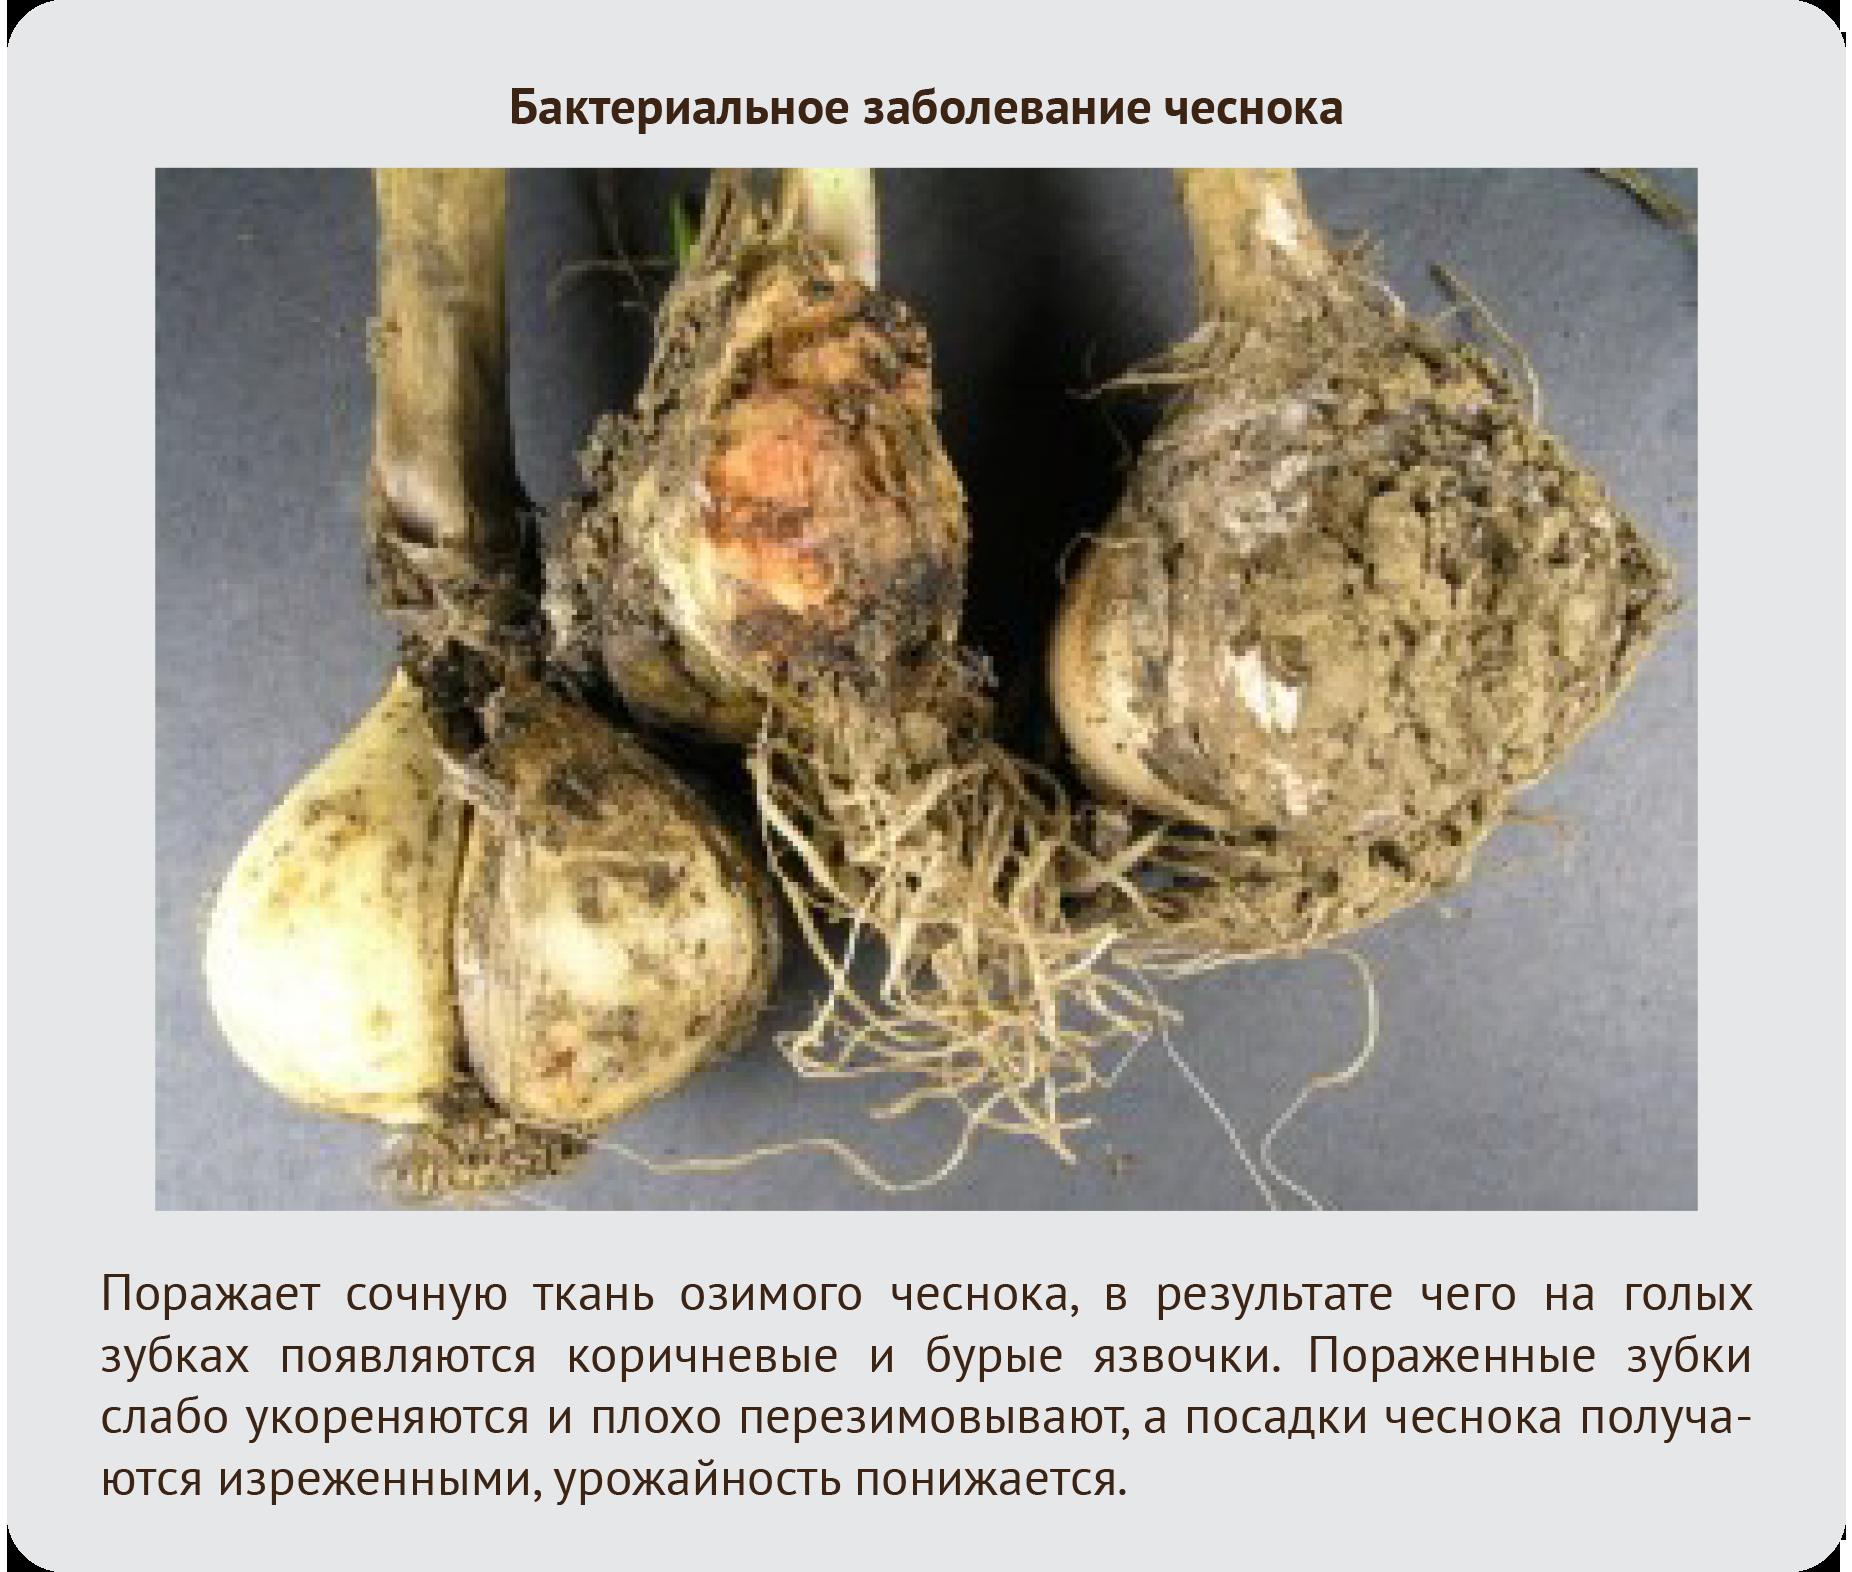 Бактериальное заболевание чеснока фото